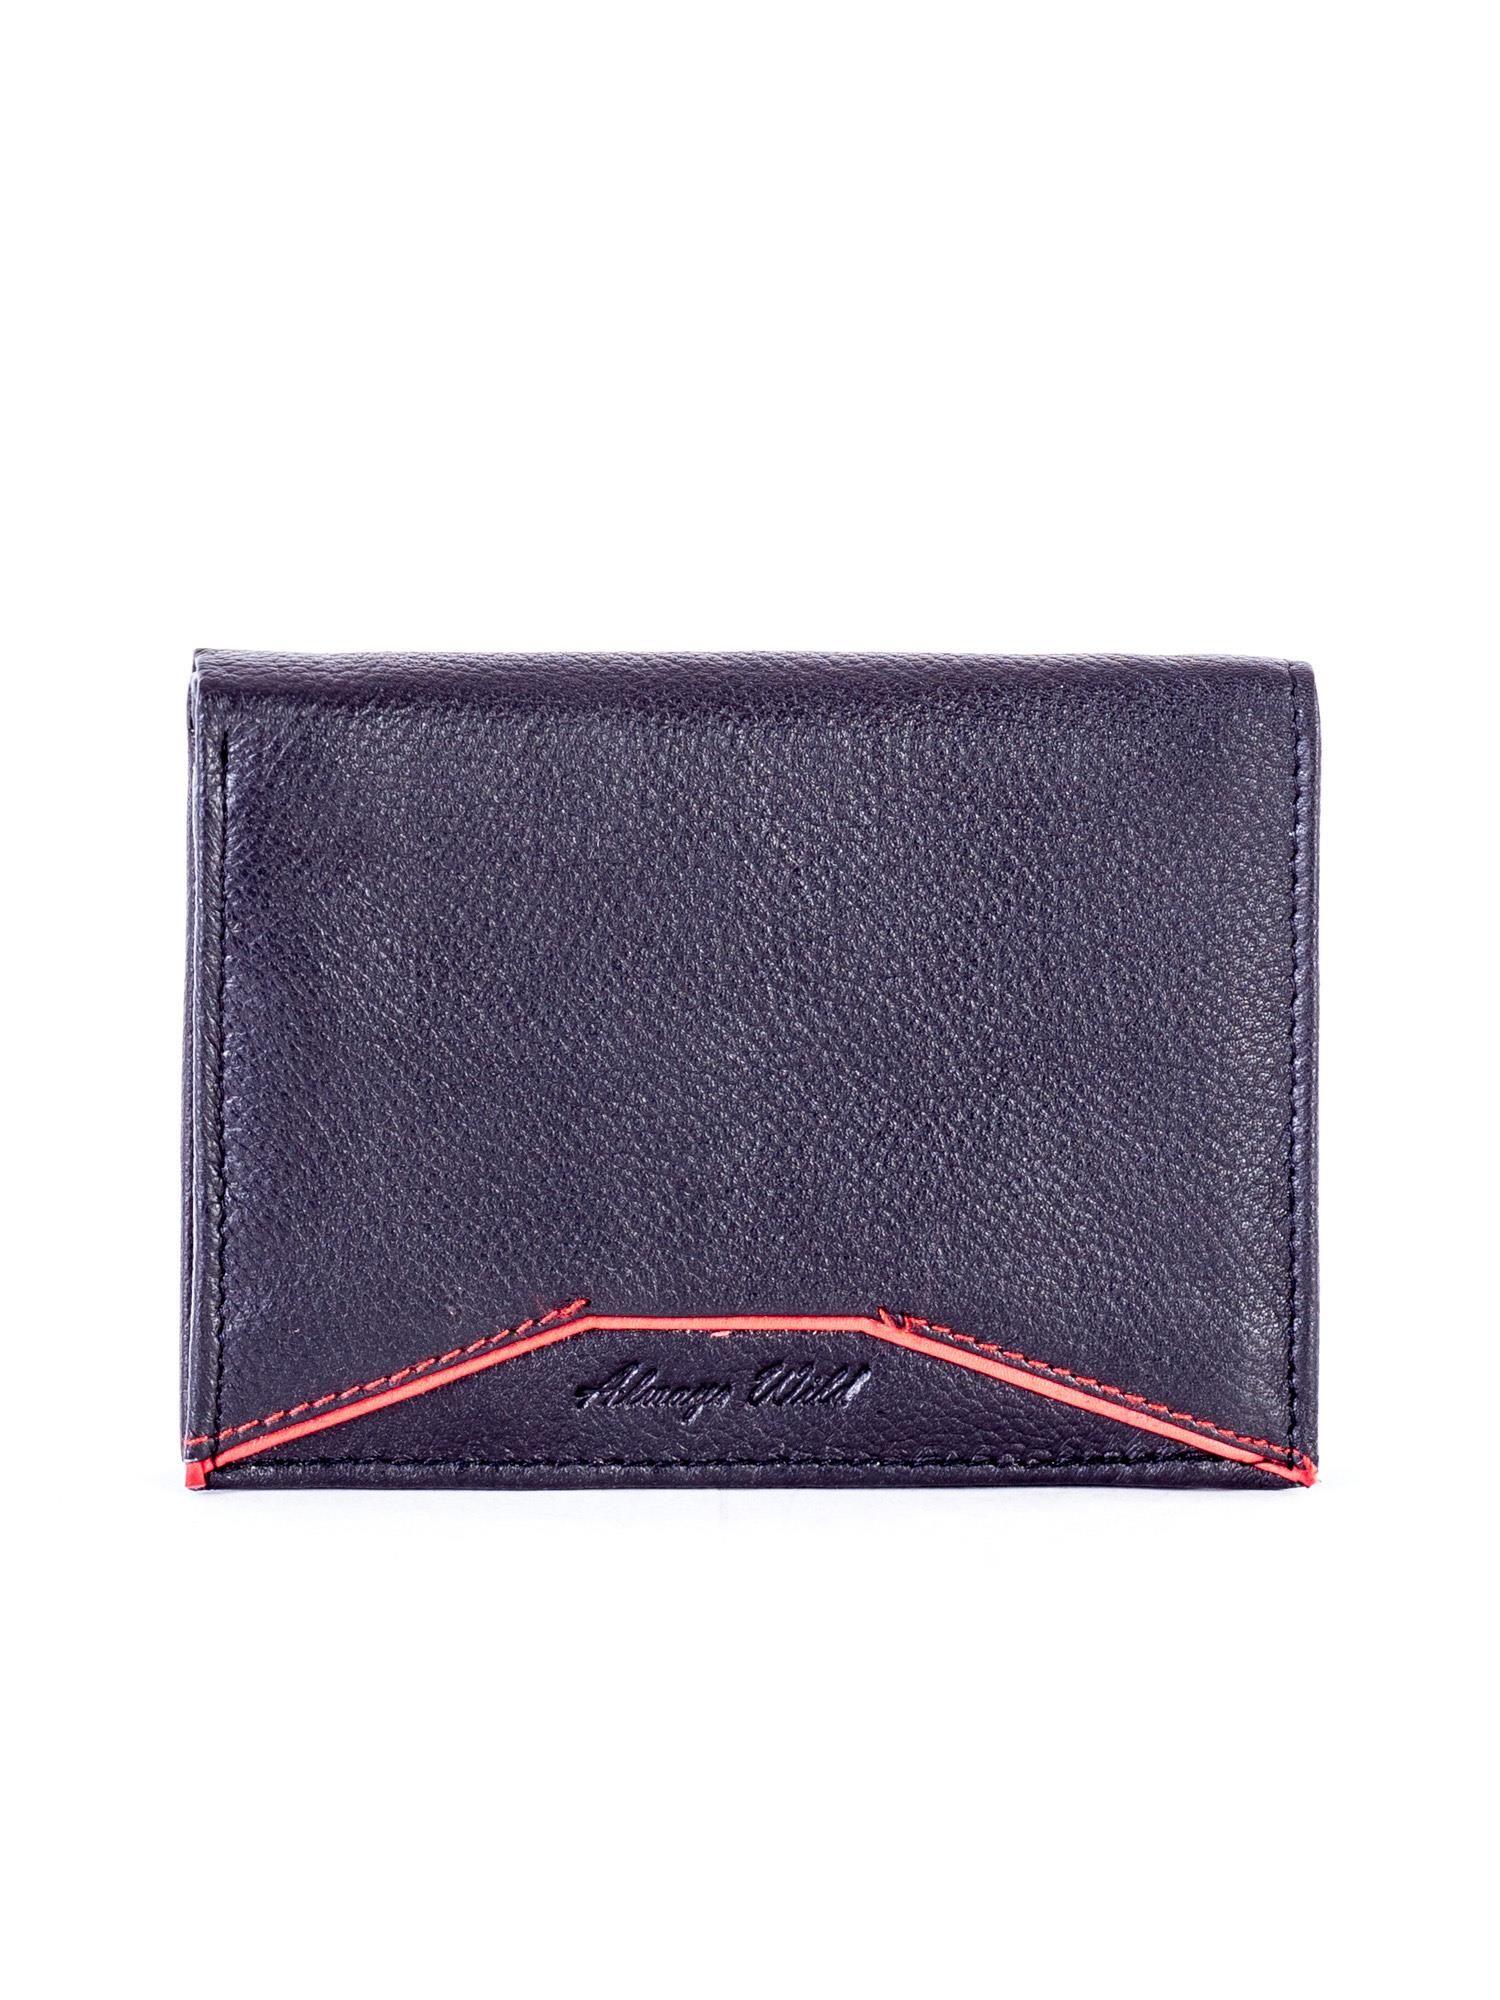 c3f6ee7e3fde4 Czarny skórzany portfel z czerwonym wykończeniem - Mężczyźni portfel ...